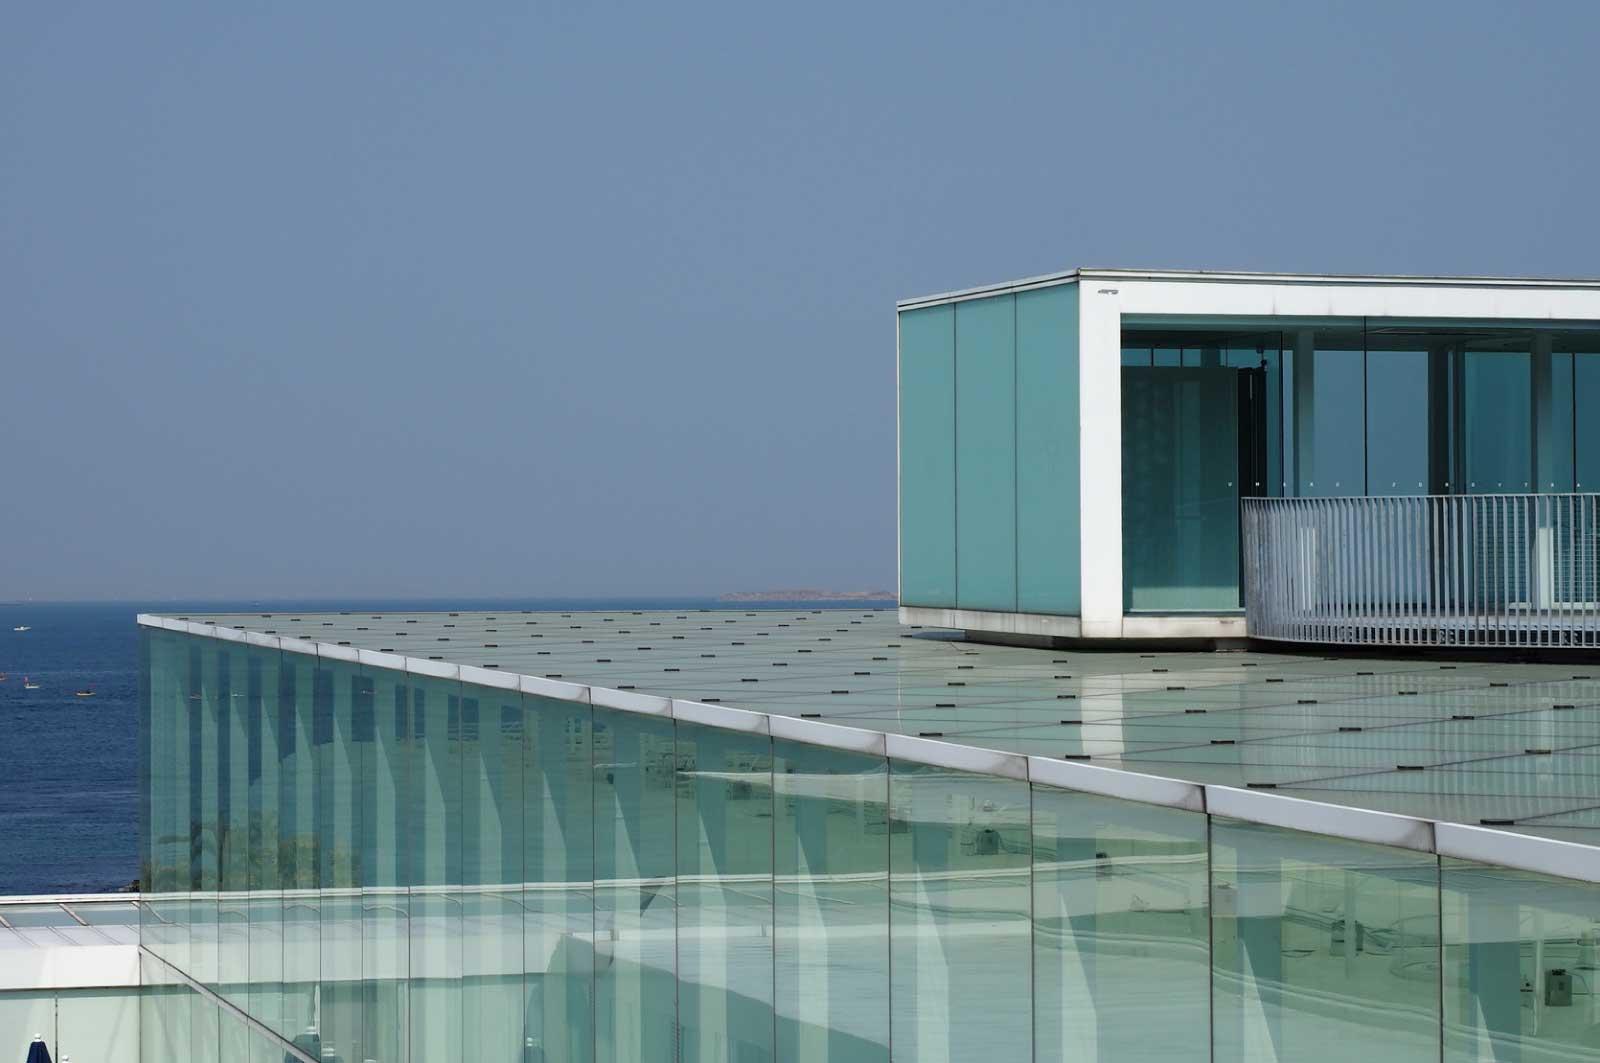 ガラス張りの横須賀美術館